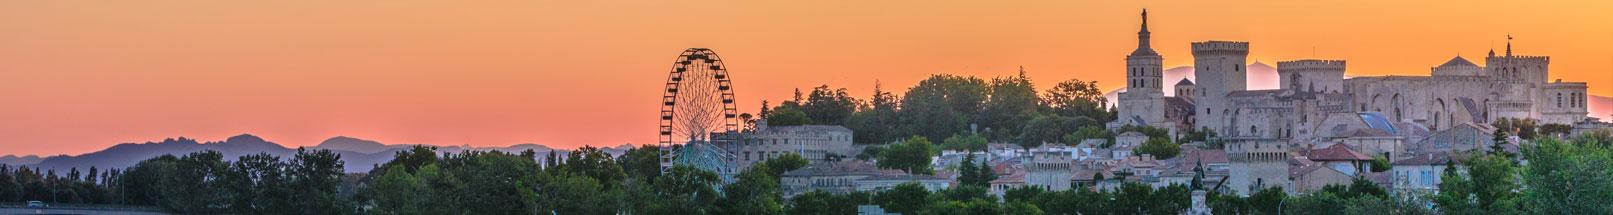 Avignon-Kessler